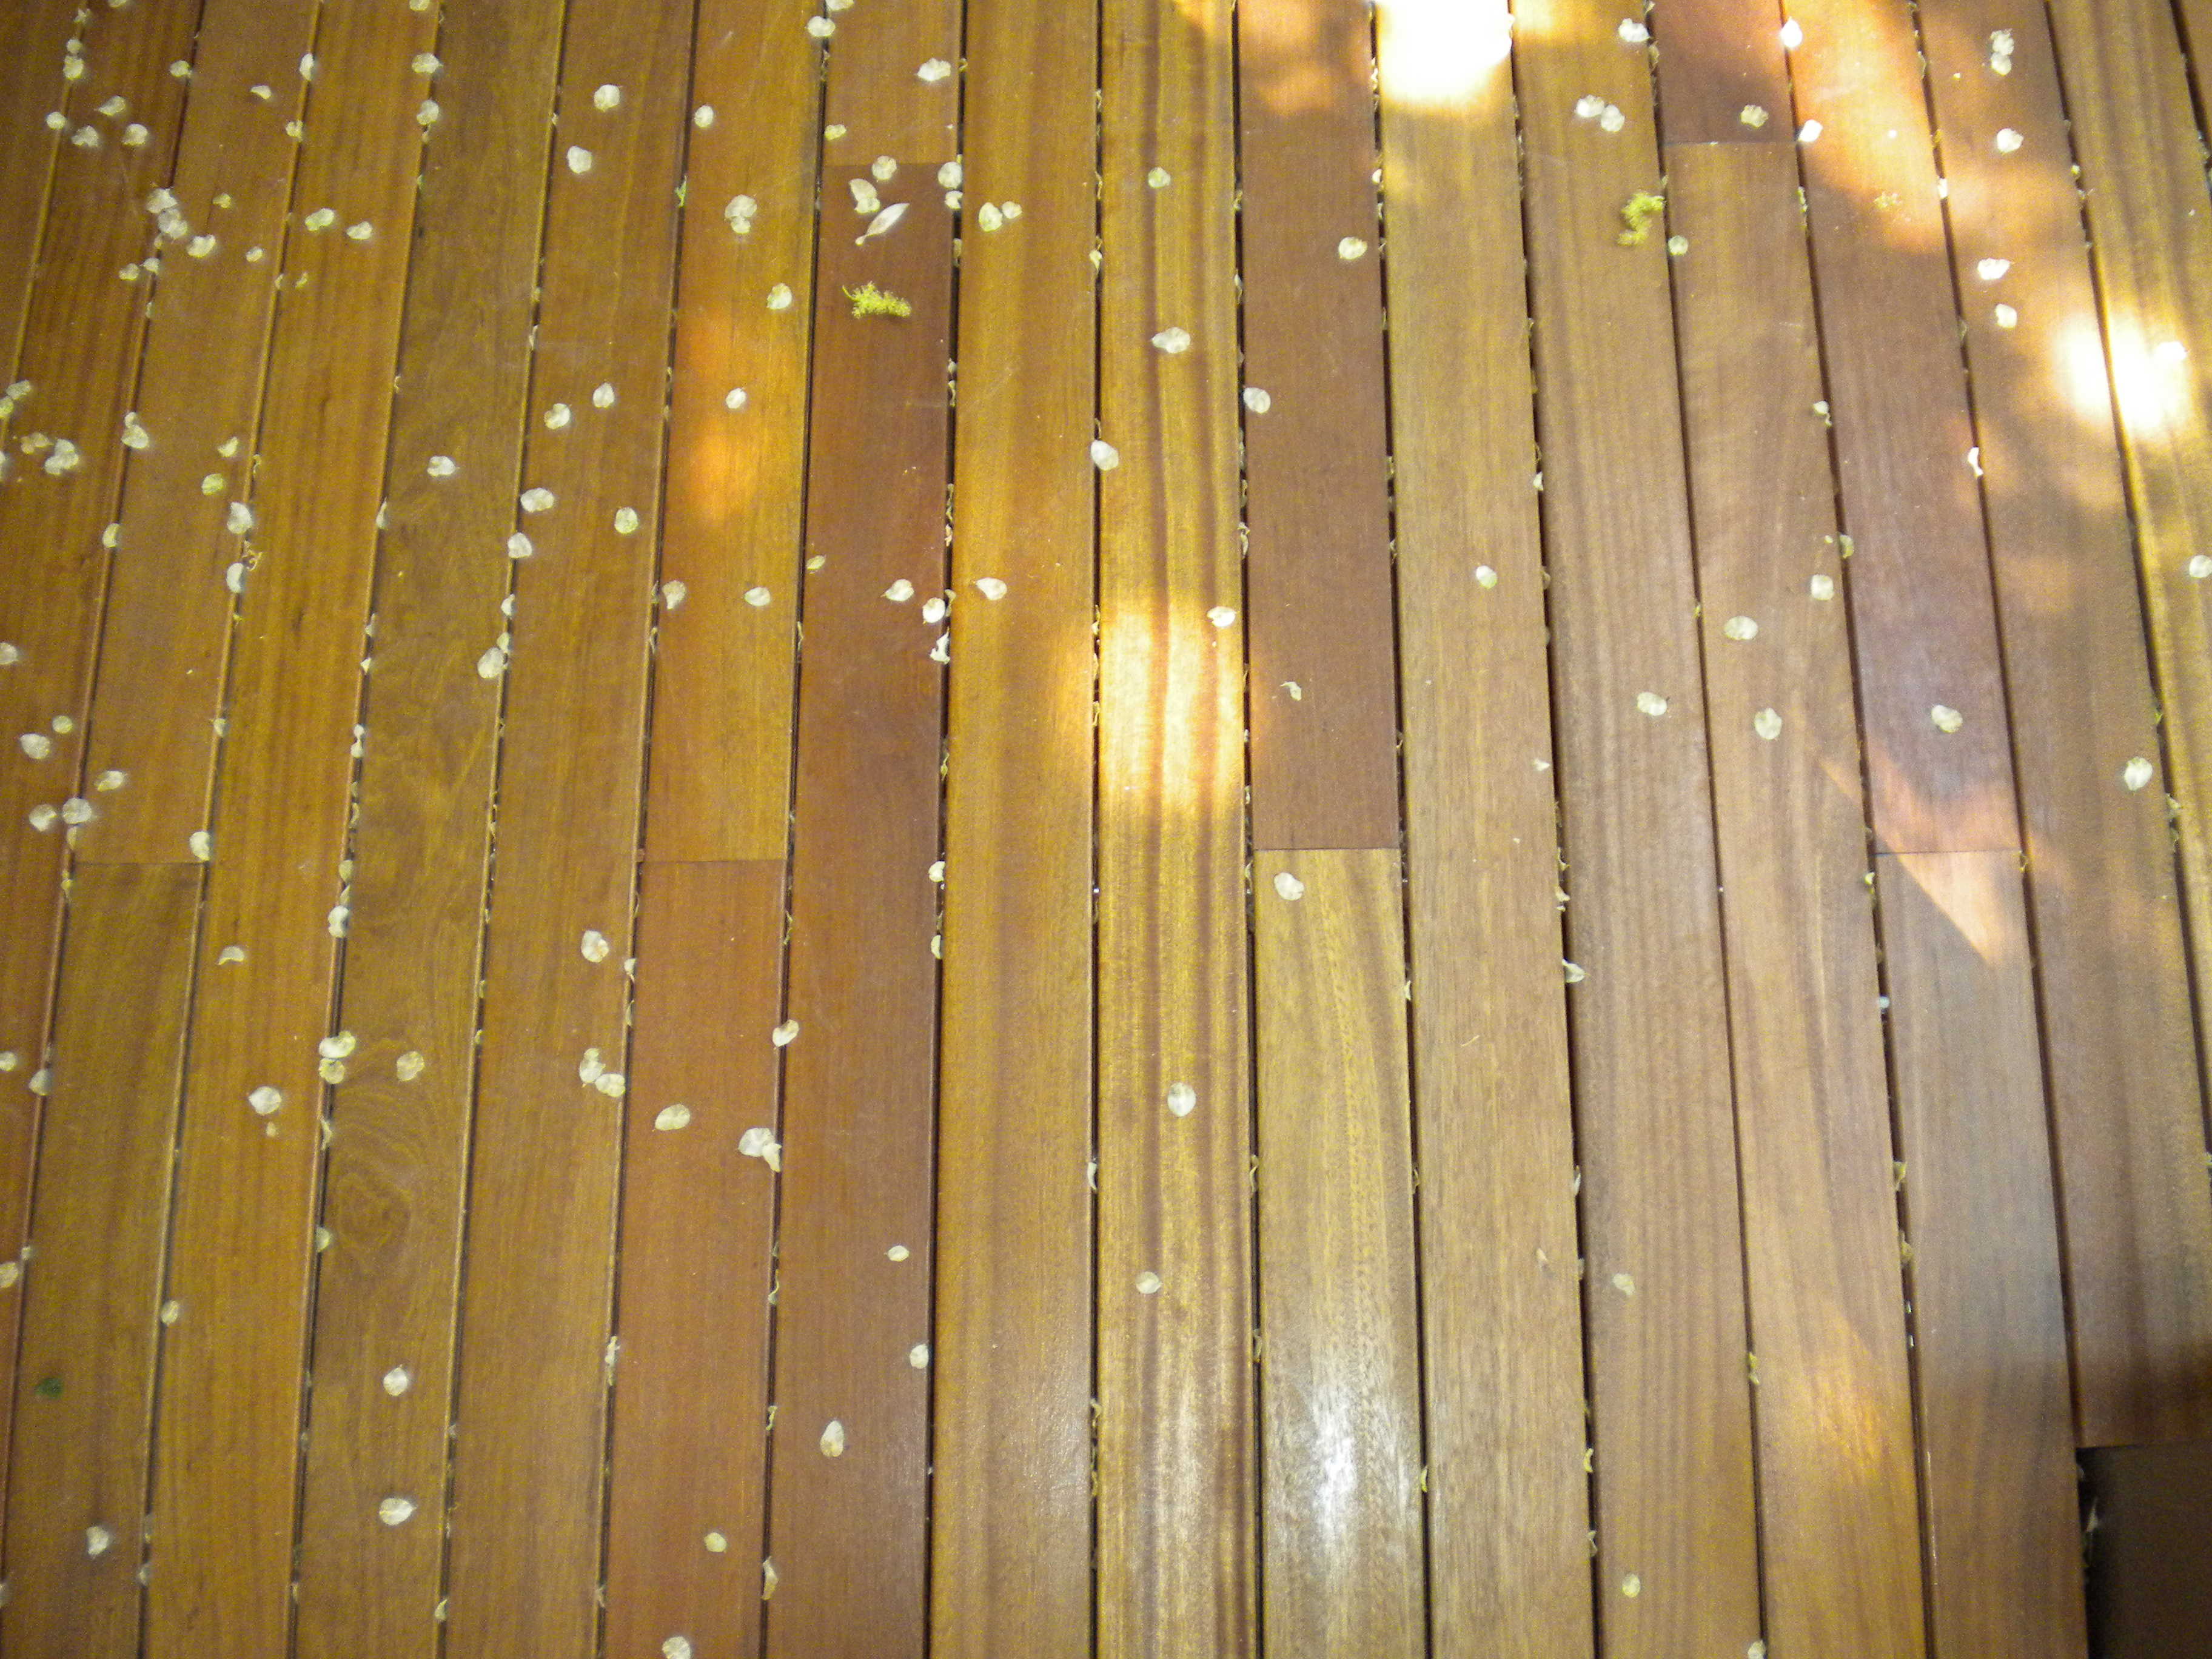 Deck-uri lemn - Bangkirai SELVA FLOORS - Poza 2